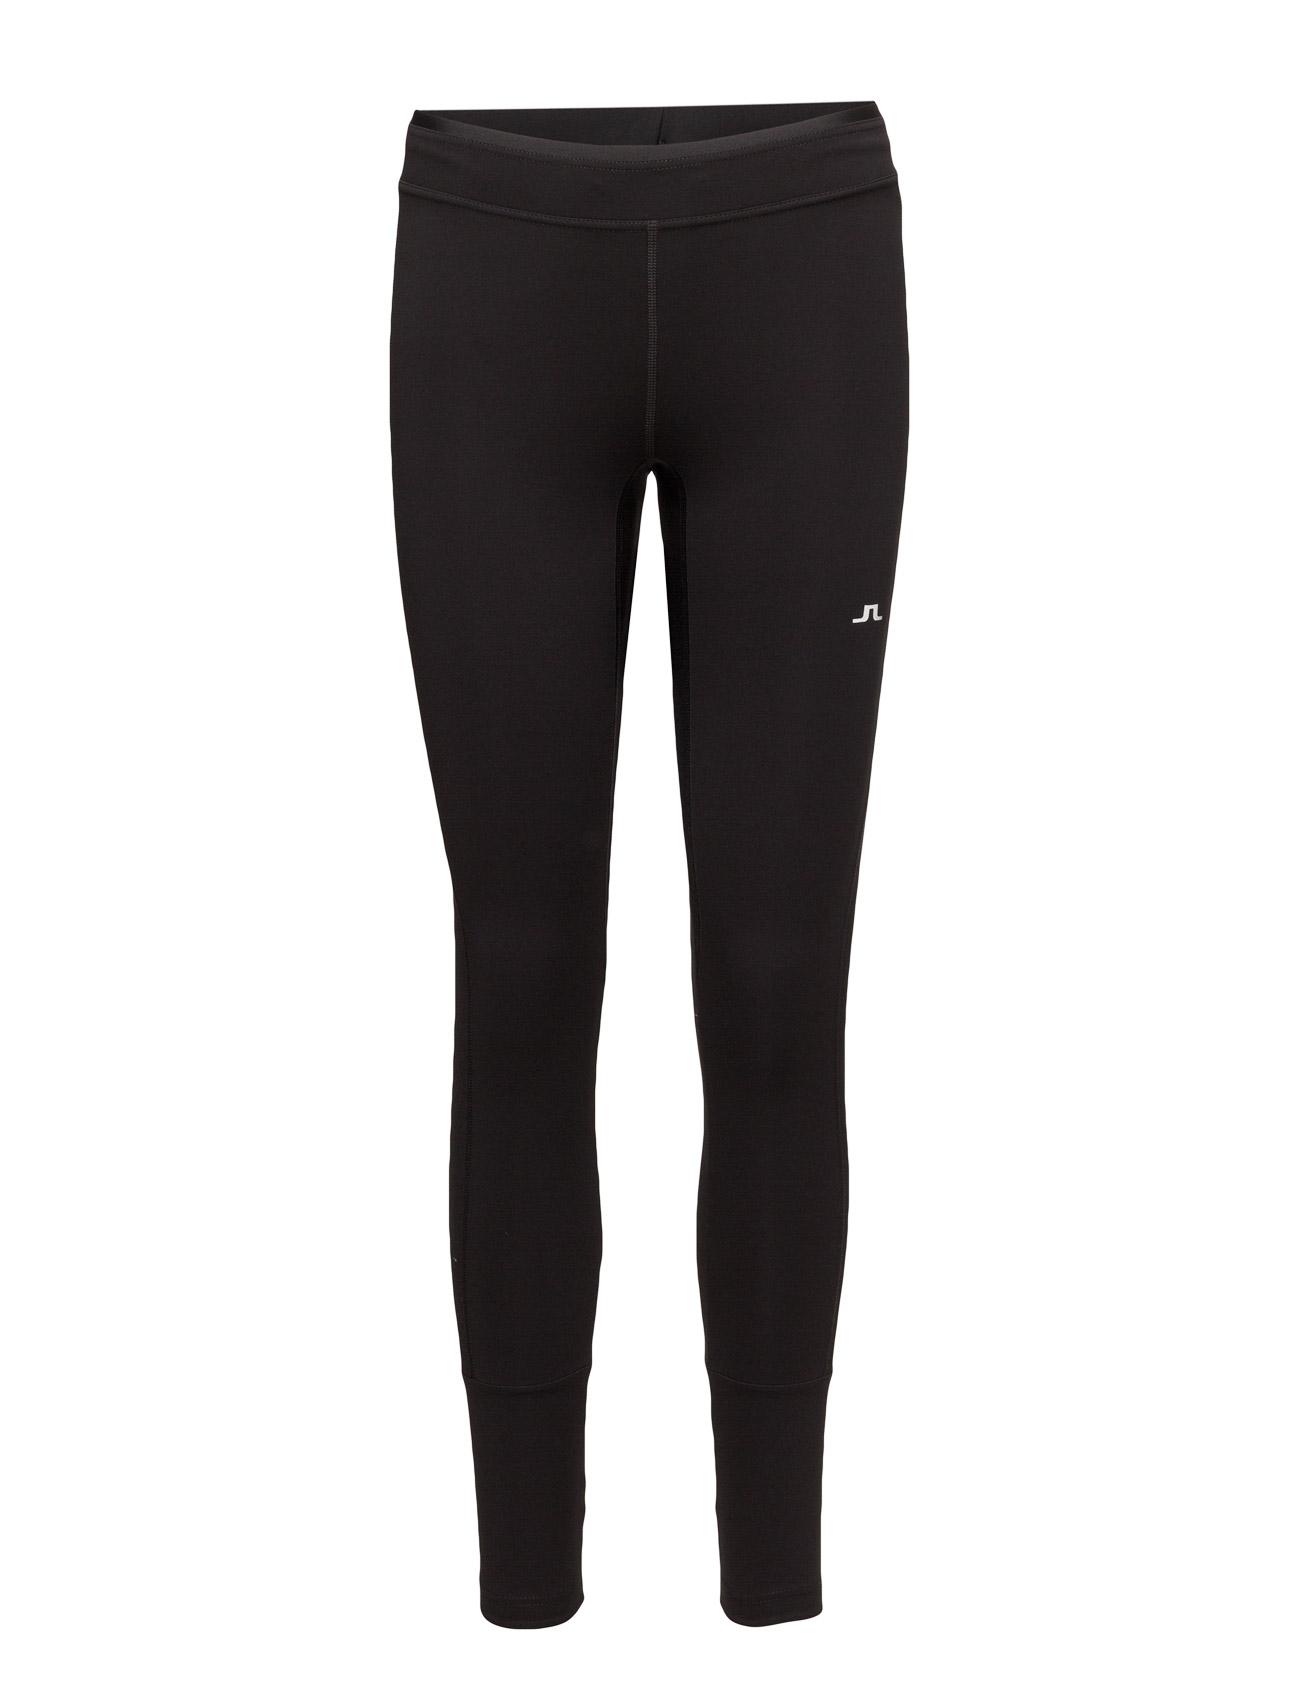 W Gabrielle Compression Poly J. Lindeberg Trænings leggings til Kvinder i